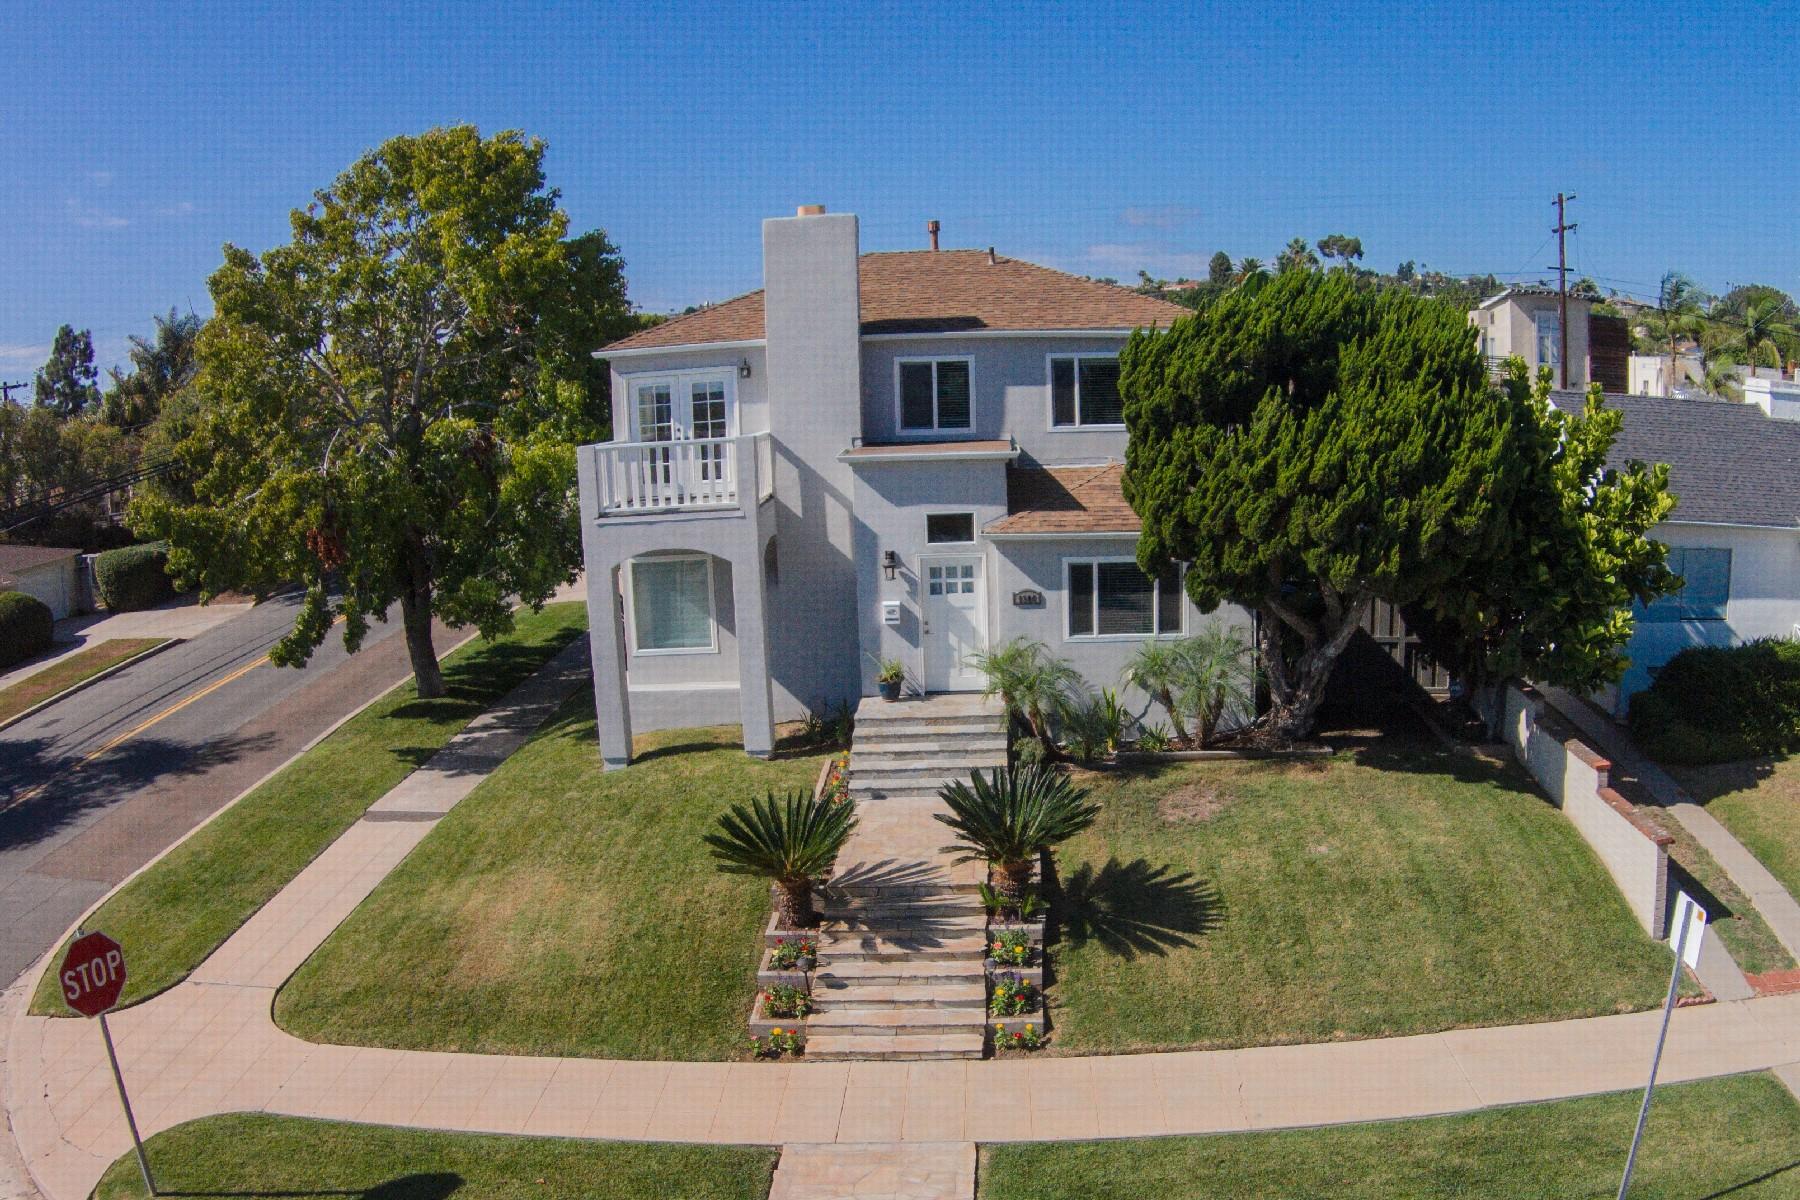 一戸建て のために 売買 アット 1304 Wilbur San Diego, カリフォルニア 92109 アメリカ合衆国